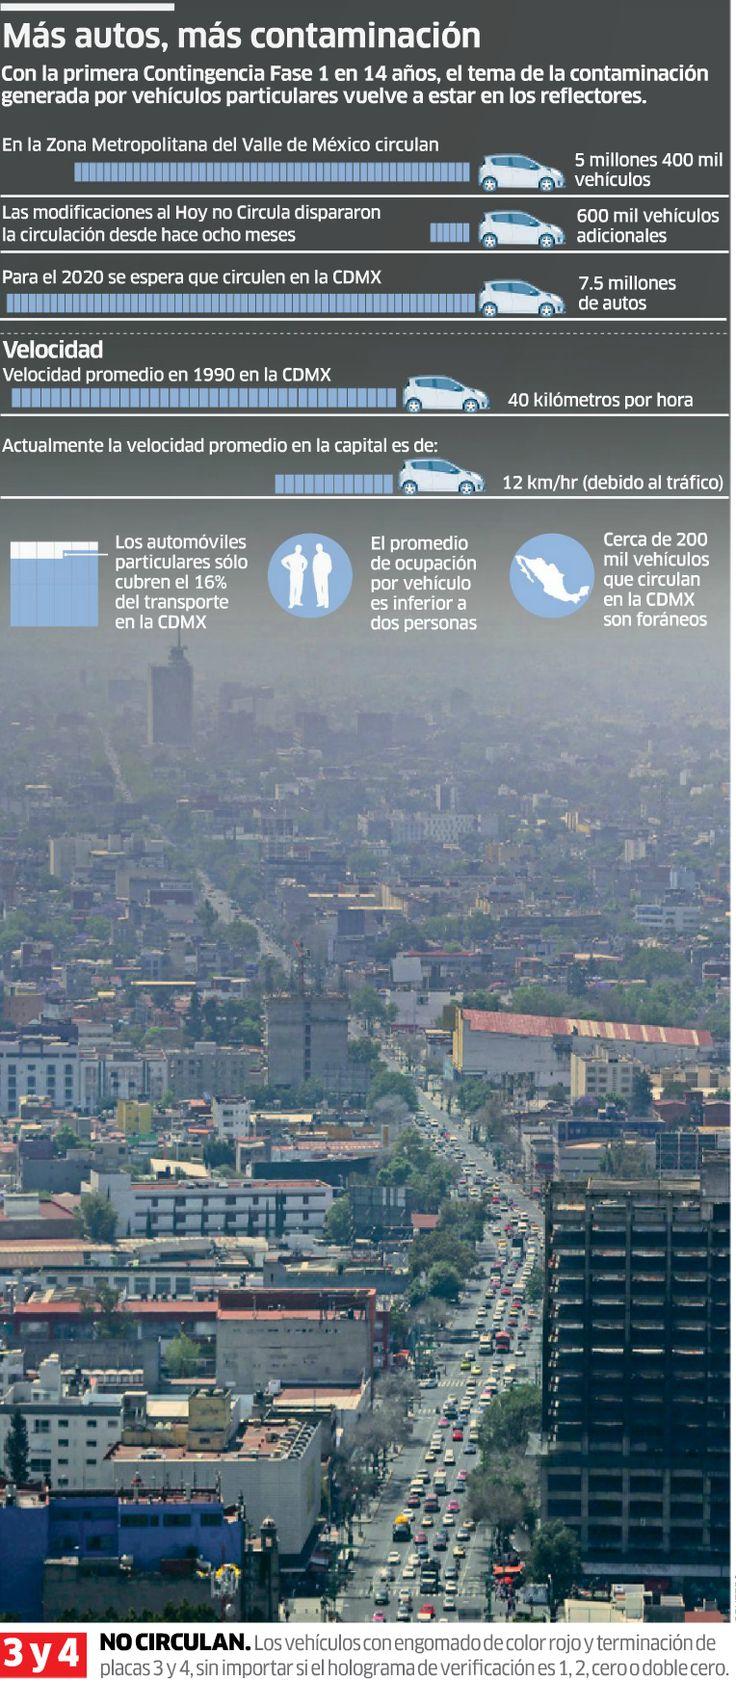 El Hoy no Circula se implementó en la Ciudad de México para diminuir los contaminantes, checa los datos.